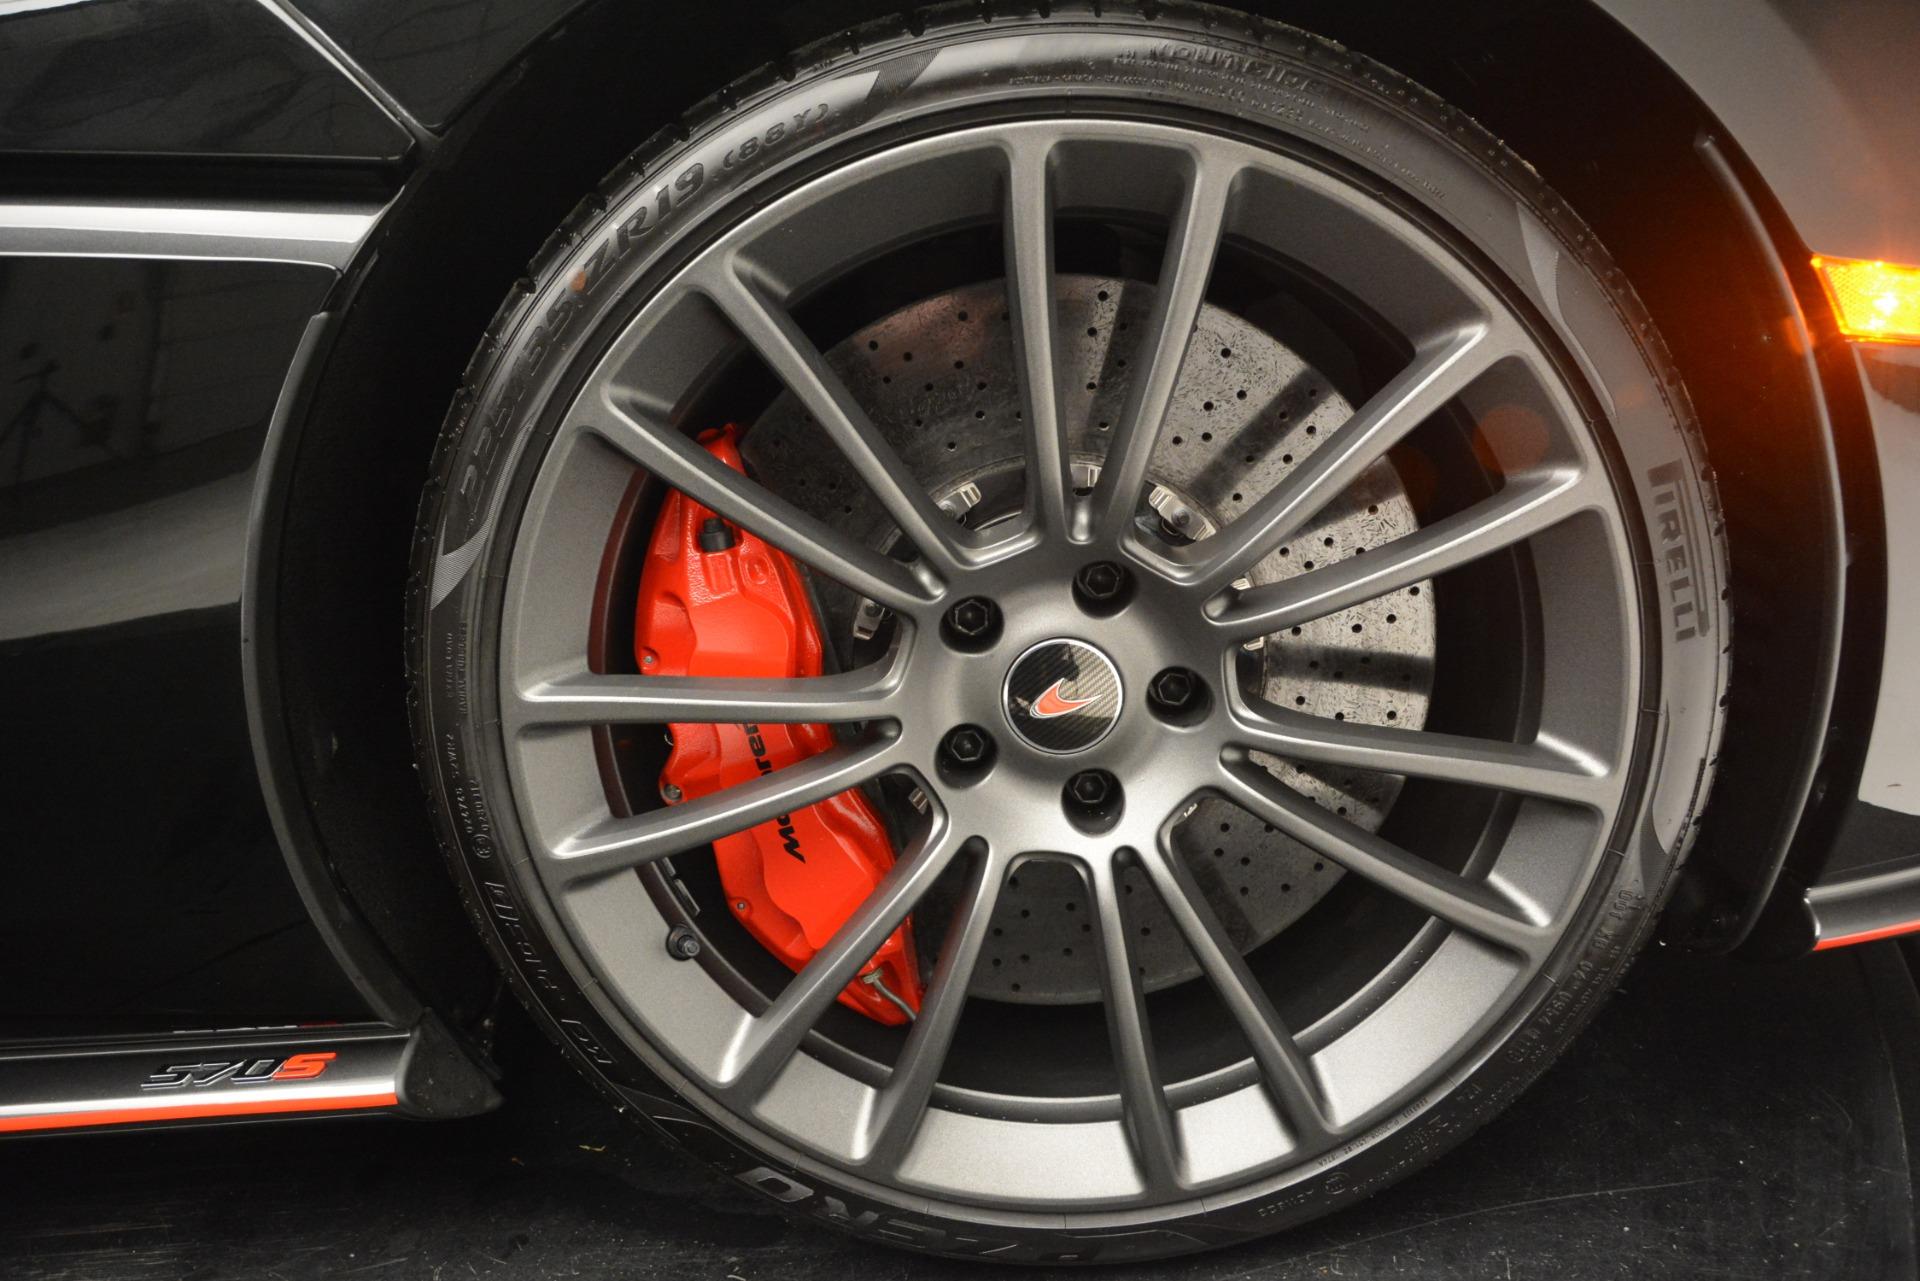 Used 2018 McLaren 570S Spider For Sale In Westport, CT 2420_p29